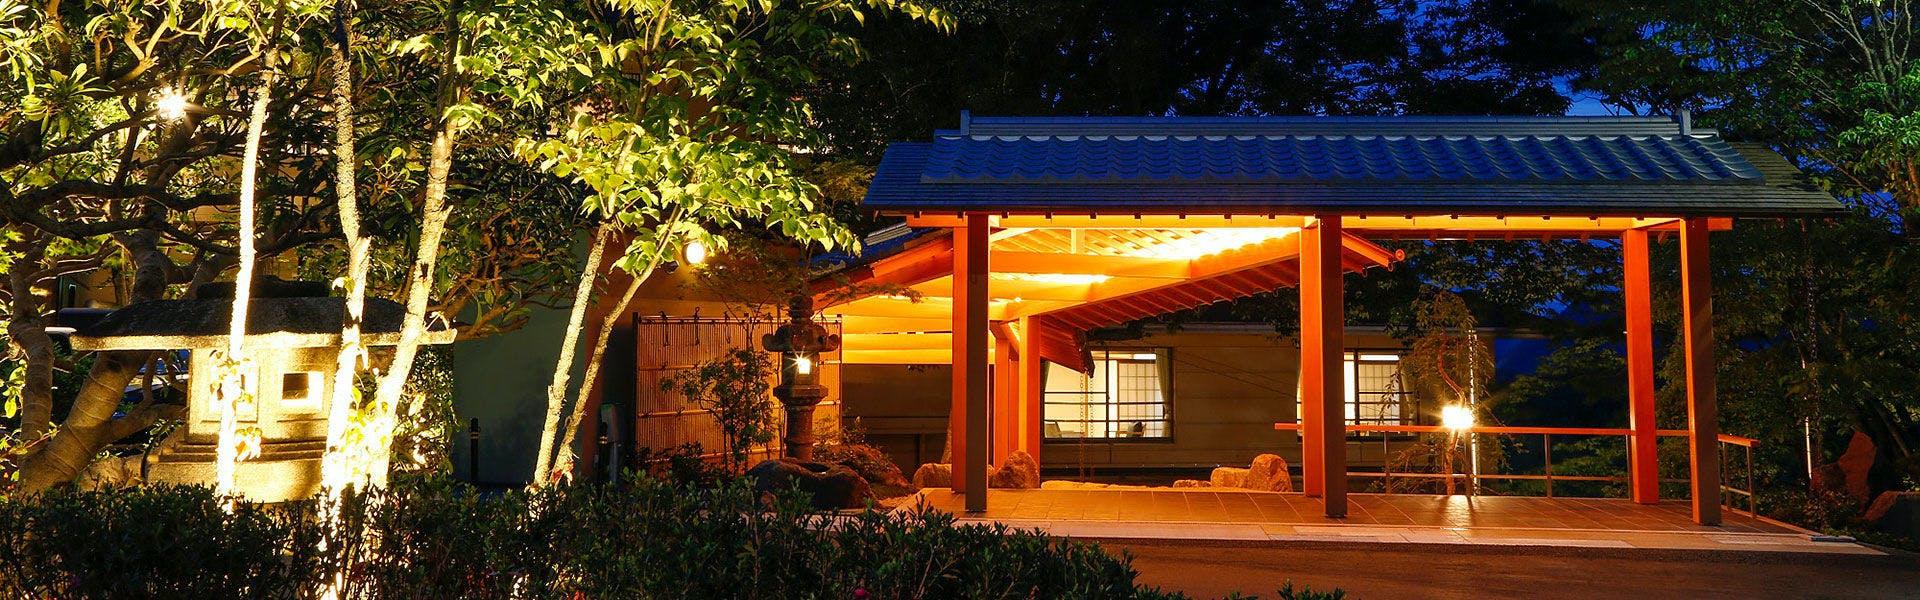 記念日におすすめのホテル・SPA TERRACE 紫翠の写真1